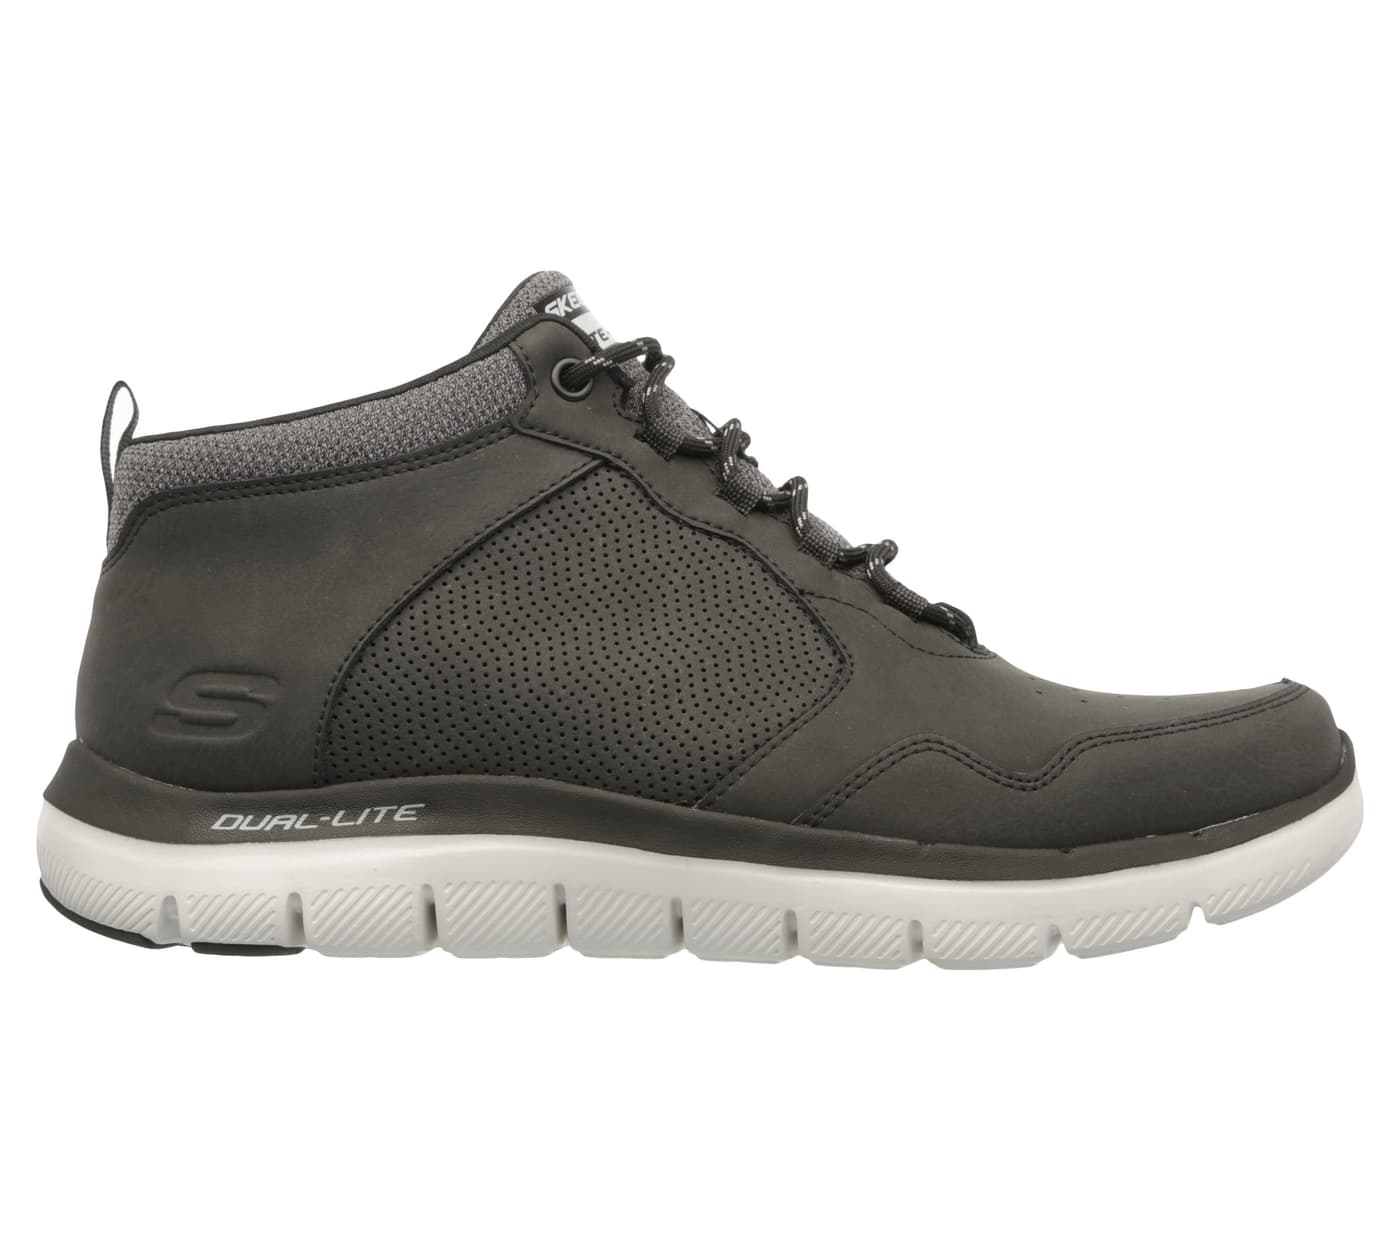 43ff141290bc1 Skechers Flex Advantage 2.0 Chaussures de loisirs pour homme ...